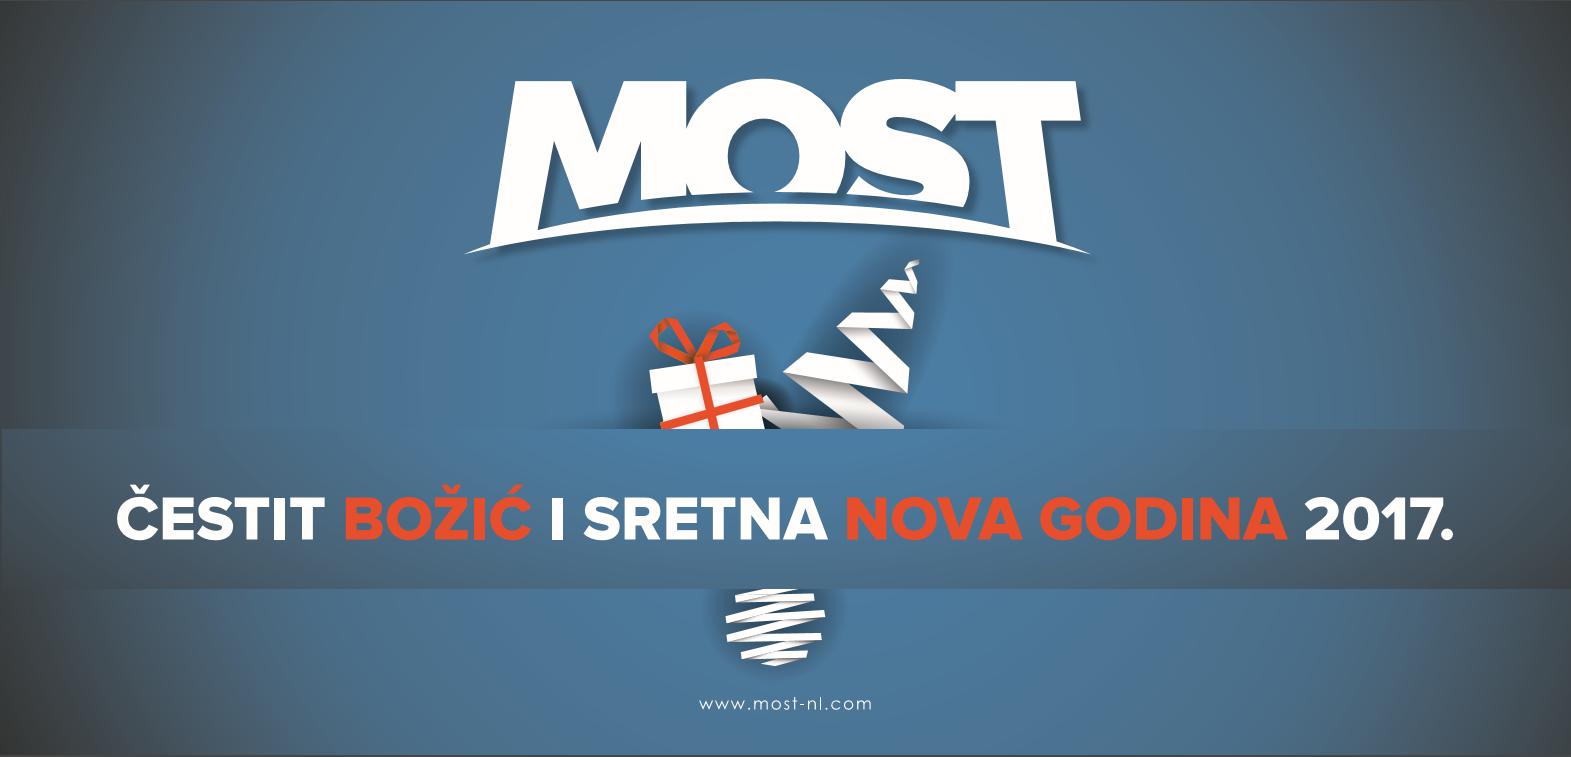 ČESTITKA – Trebamo težiti ljepšem i boljem sutra za sve naše sugrađane